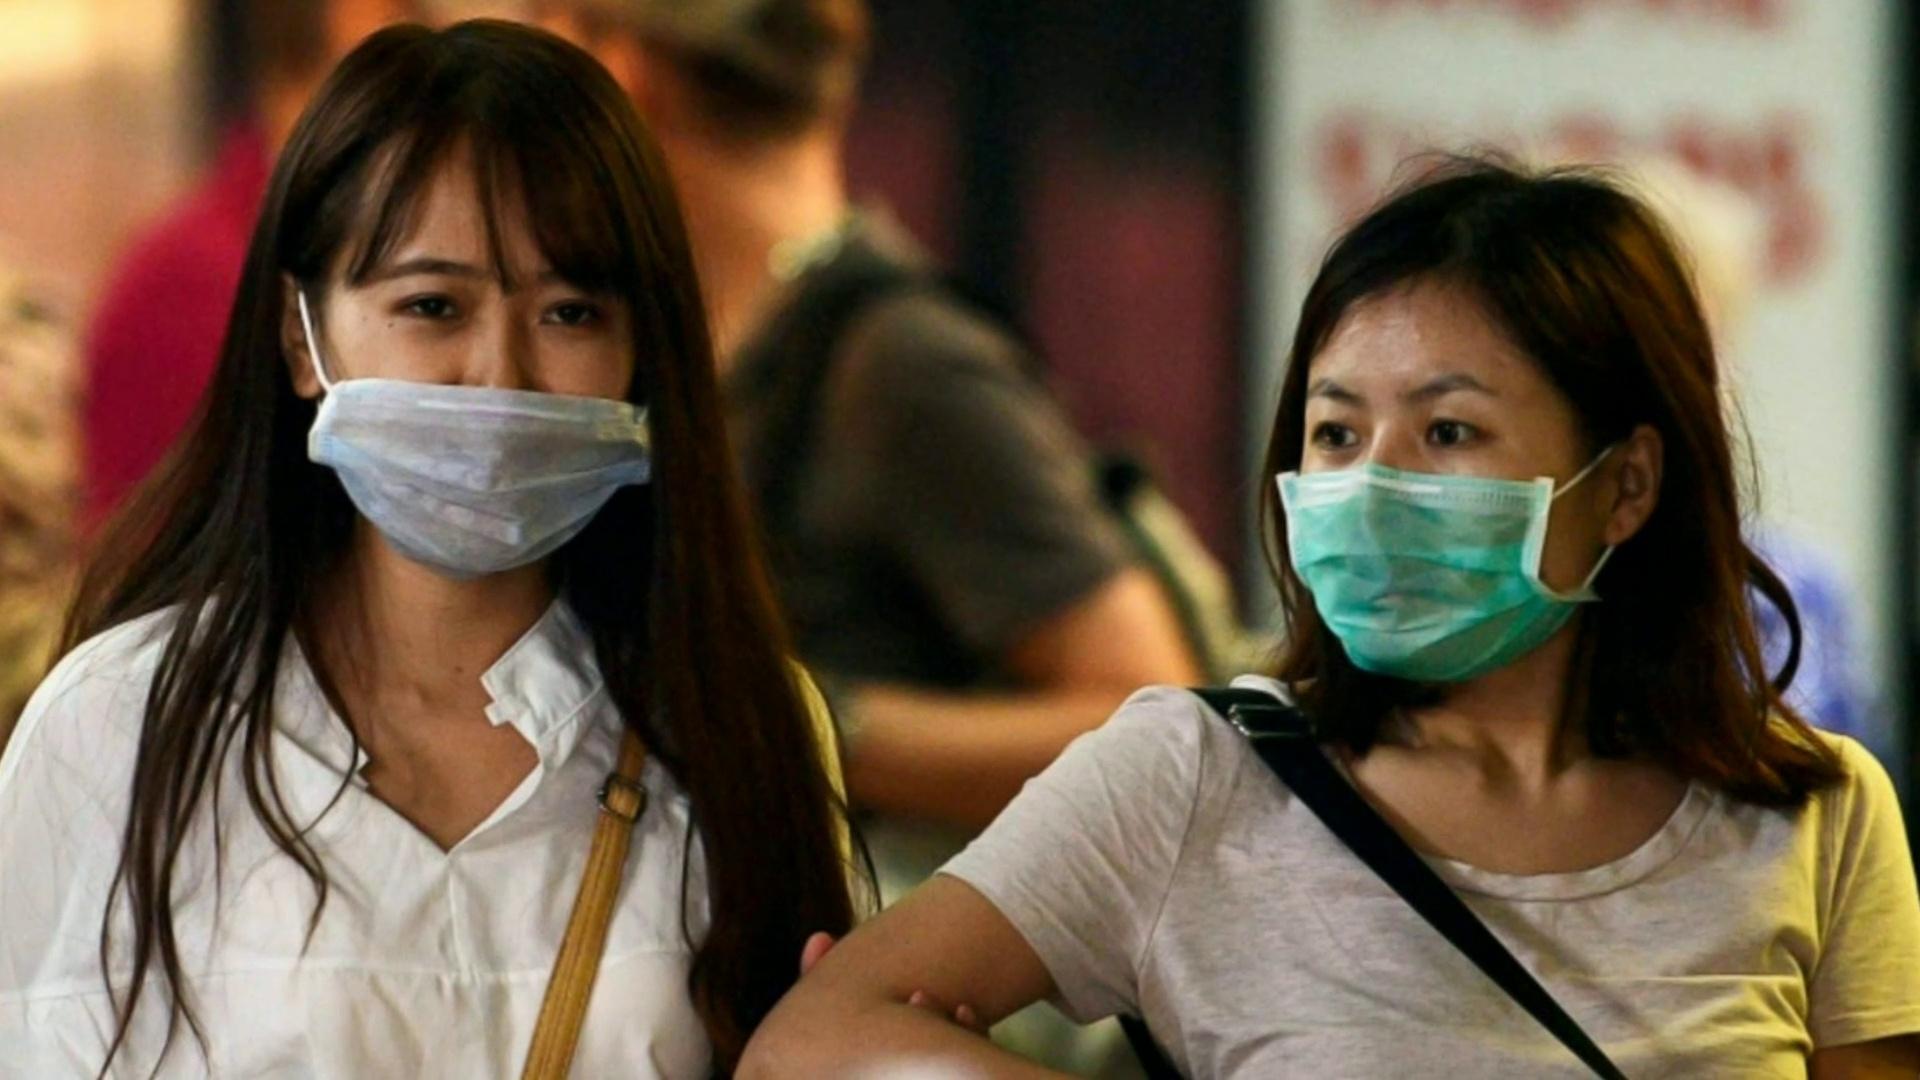 Coronavirus death rate   Italy   China   India   Corona whatsapp number   Covid-19 update   lockdown